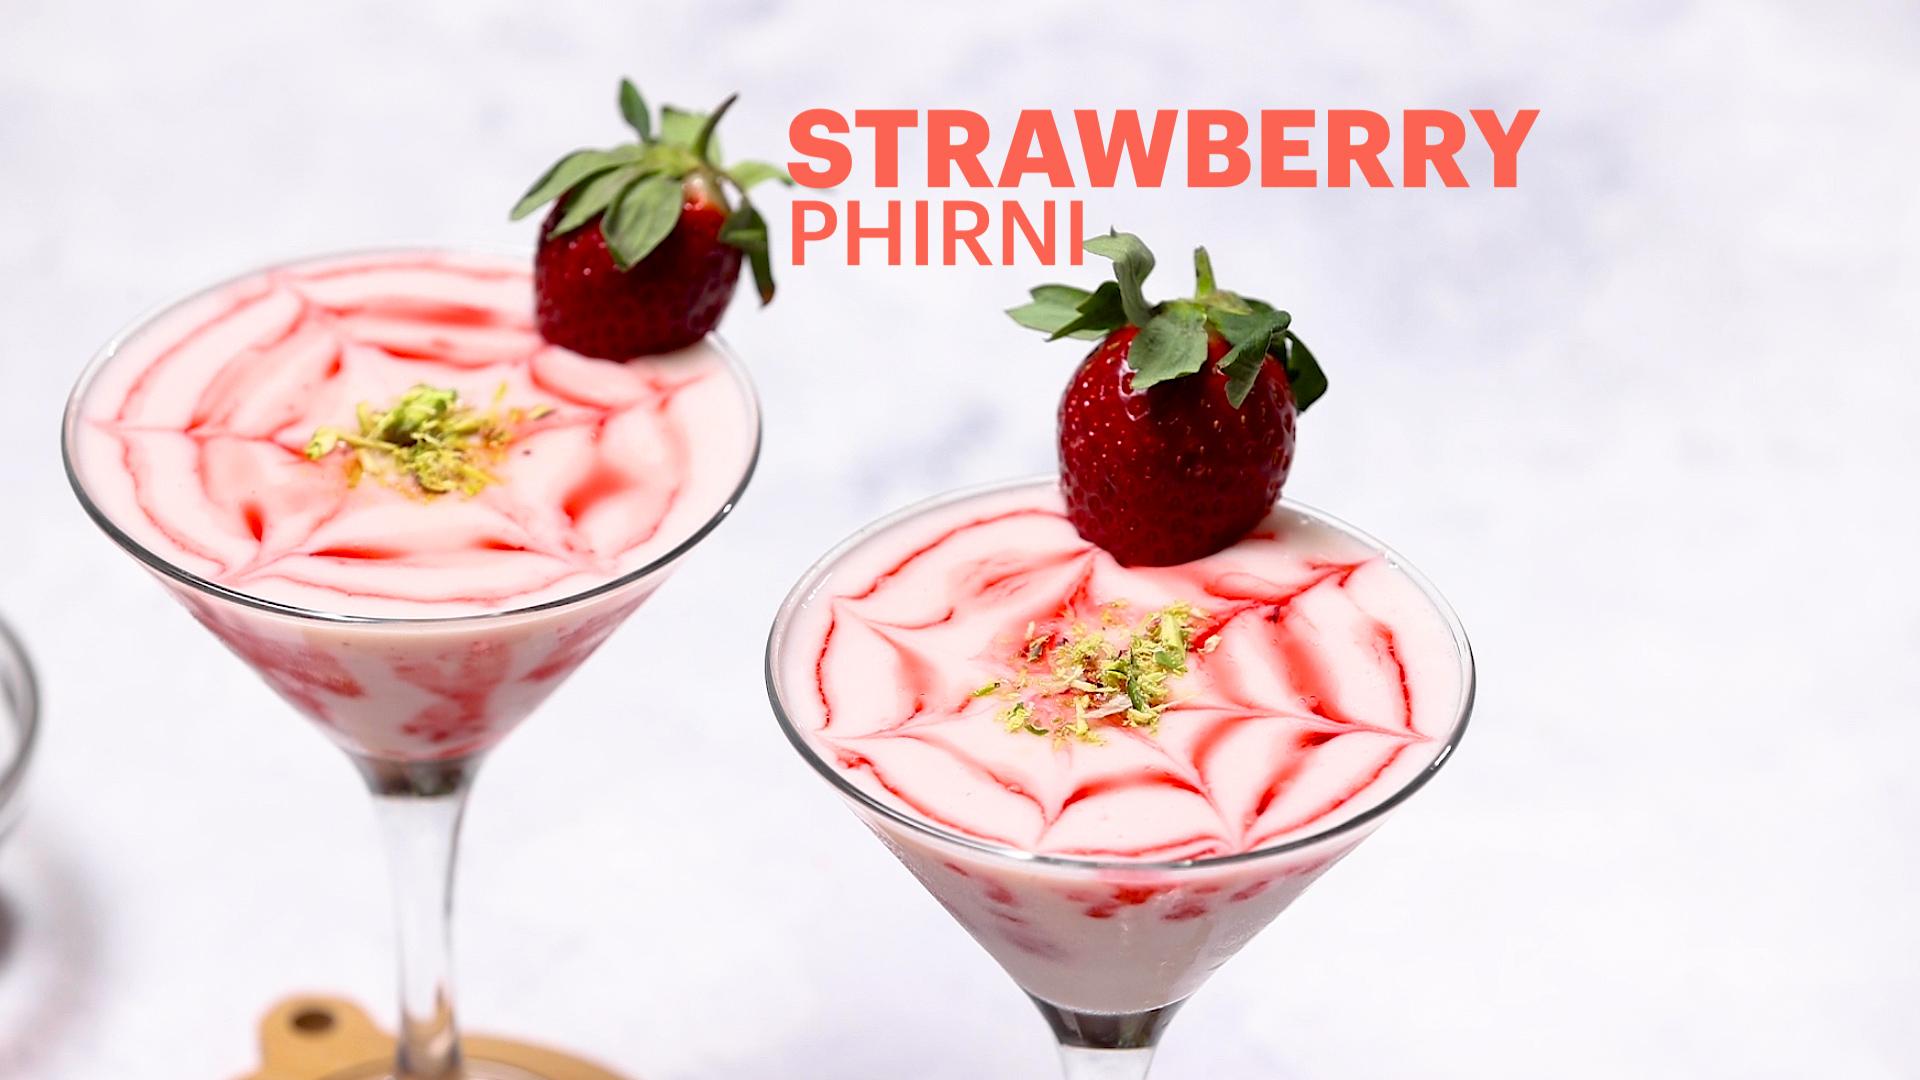 Strawberry Phirni